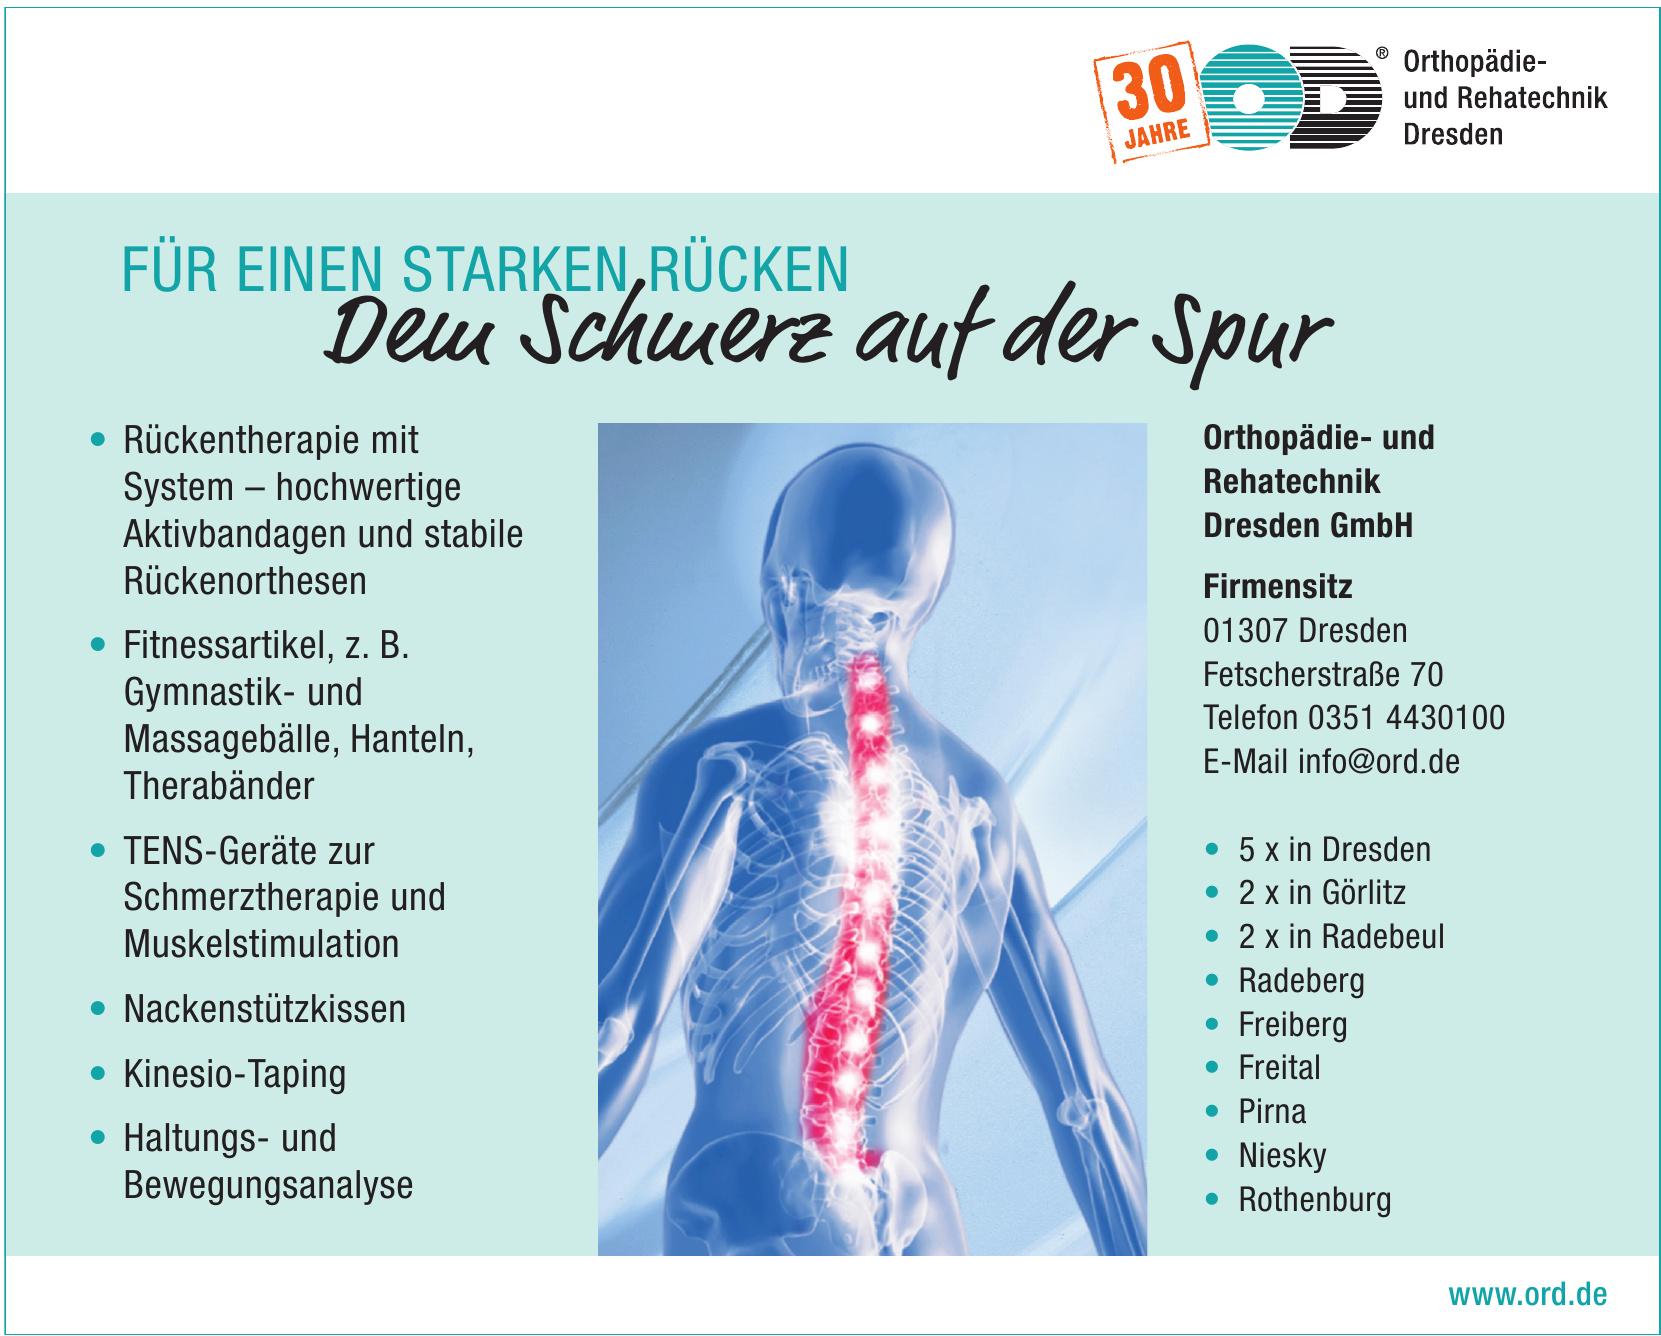 Orthopädie- und Rehatechnik Dresden